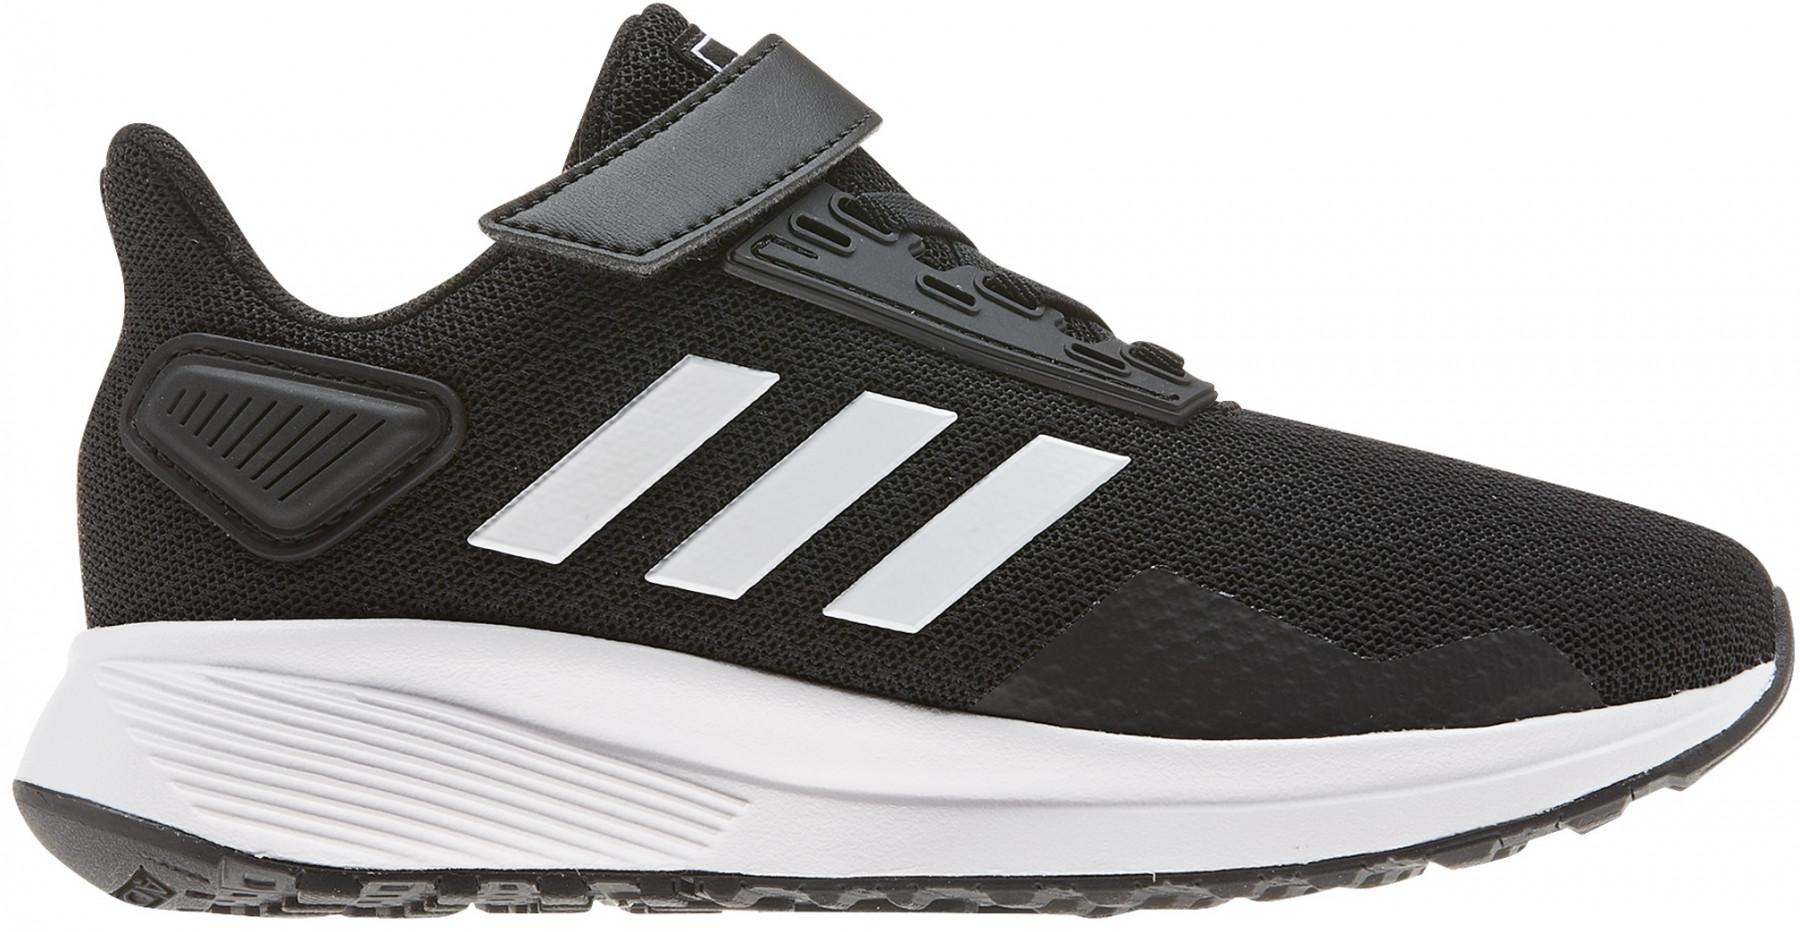 64d82ce15e9 ... Avalynė Shoes Juniors Duramo 9 C Black. Zoom. adidas